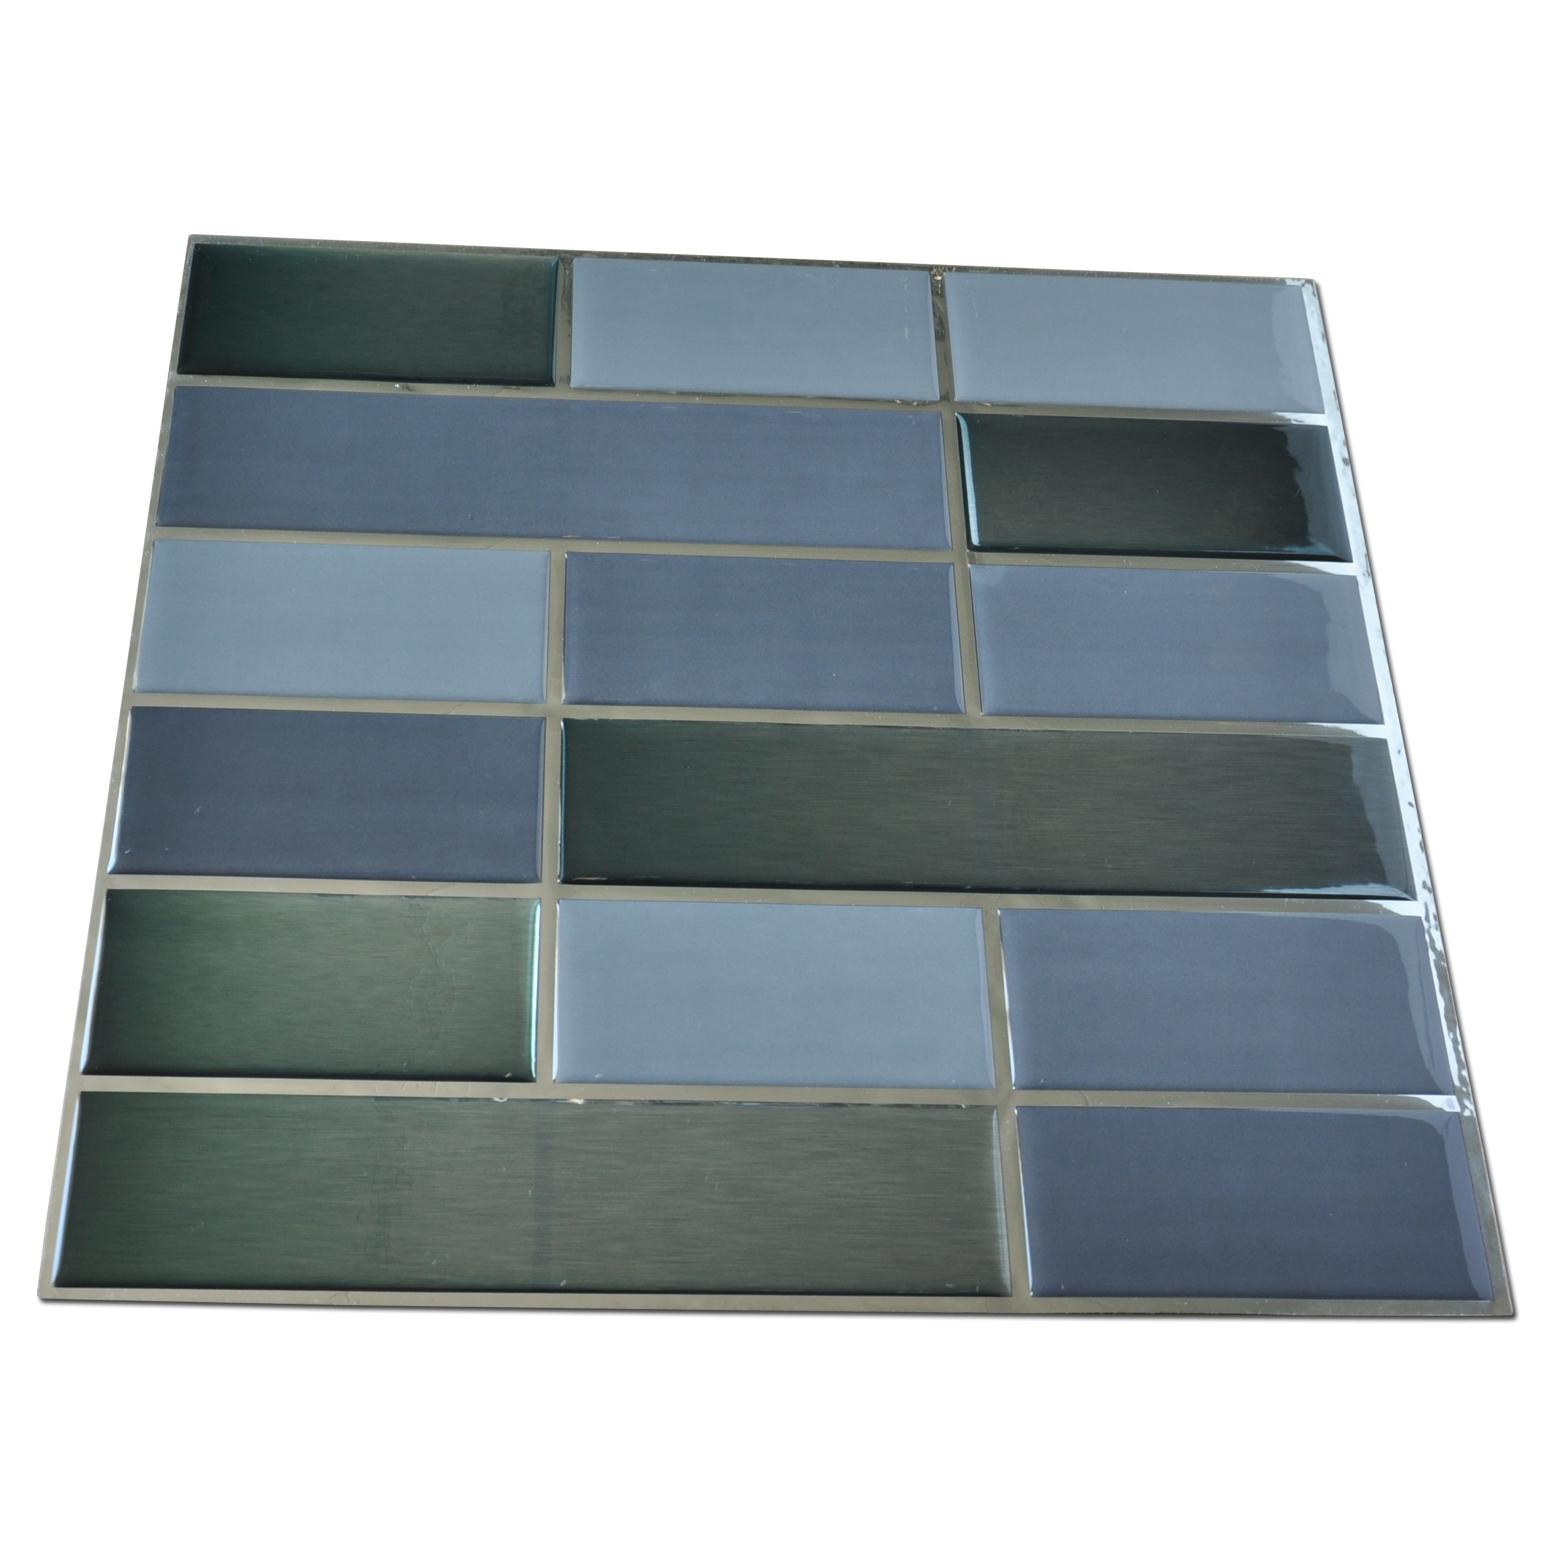 backsplash tiles for kitchen 10 pieces peel n stick tile 9 5 sq ft